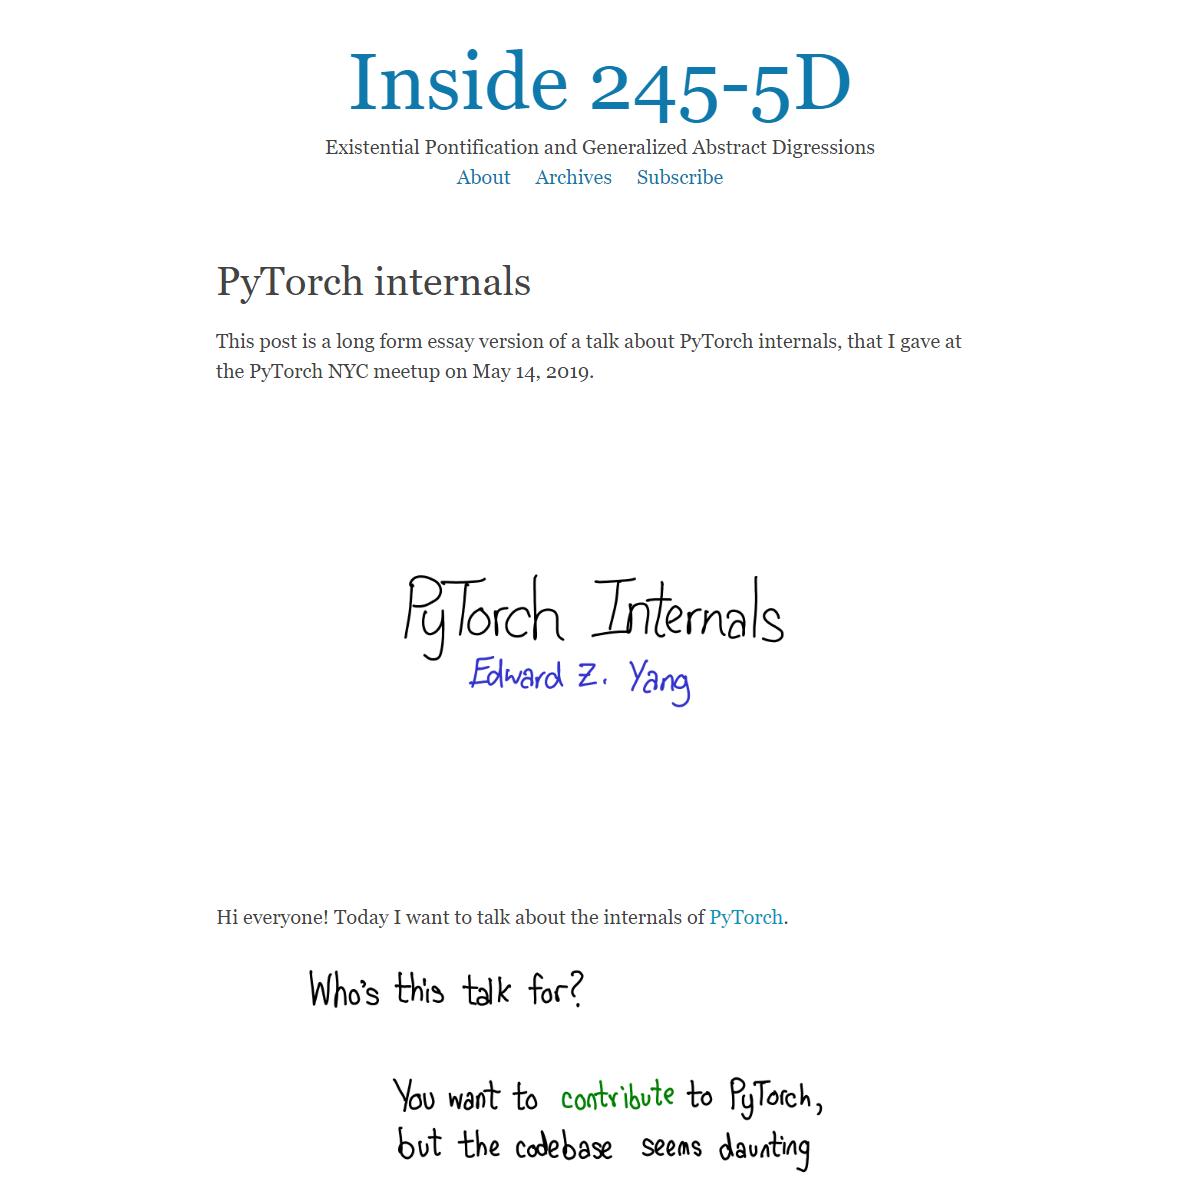 PyTorch internals - Inside 245-5D